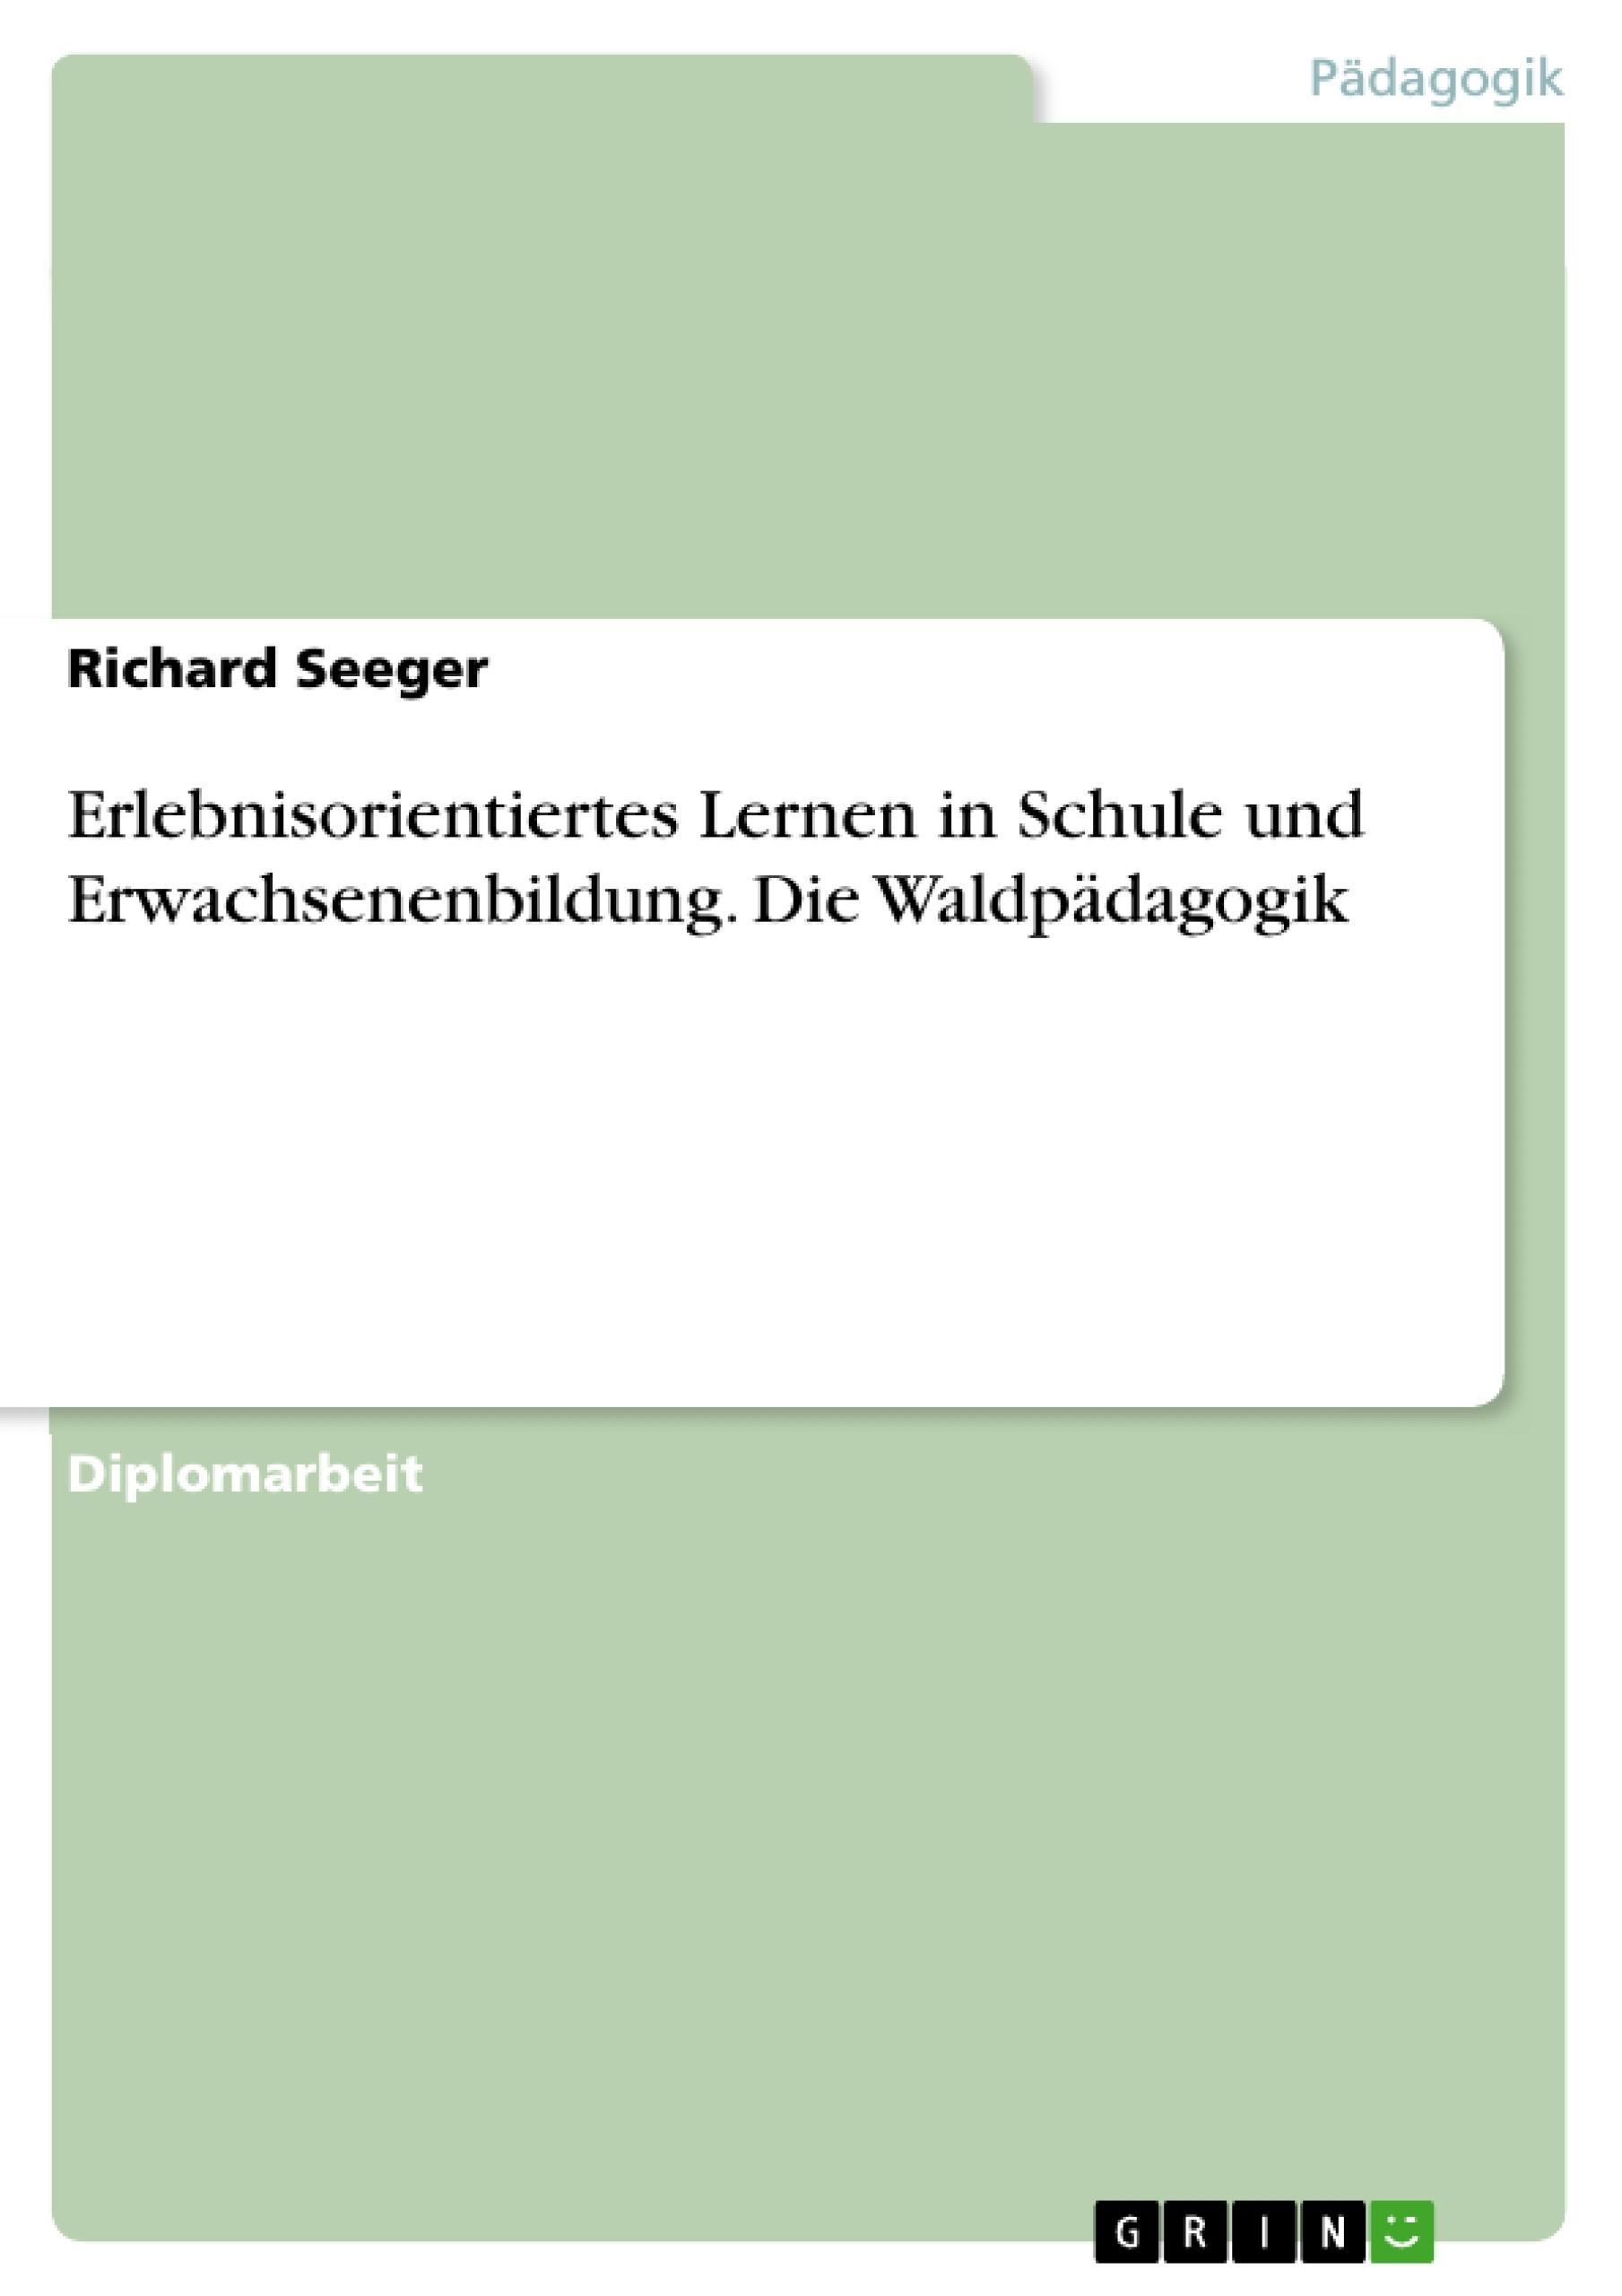 Titel: Erlebnisorientiertes Lernen in Schule und Erwachsenenbildung. Die Waldpädagogik